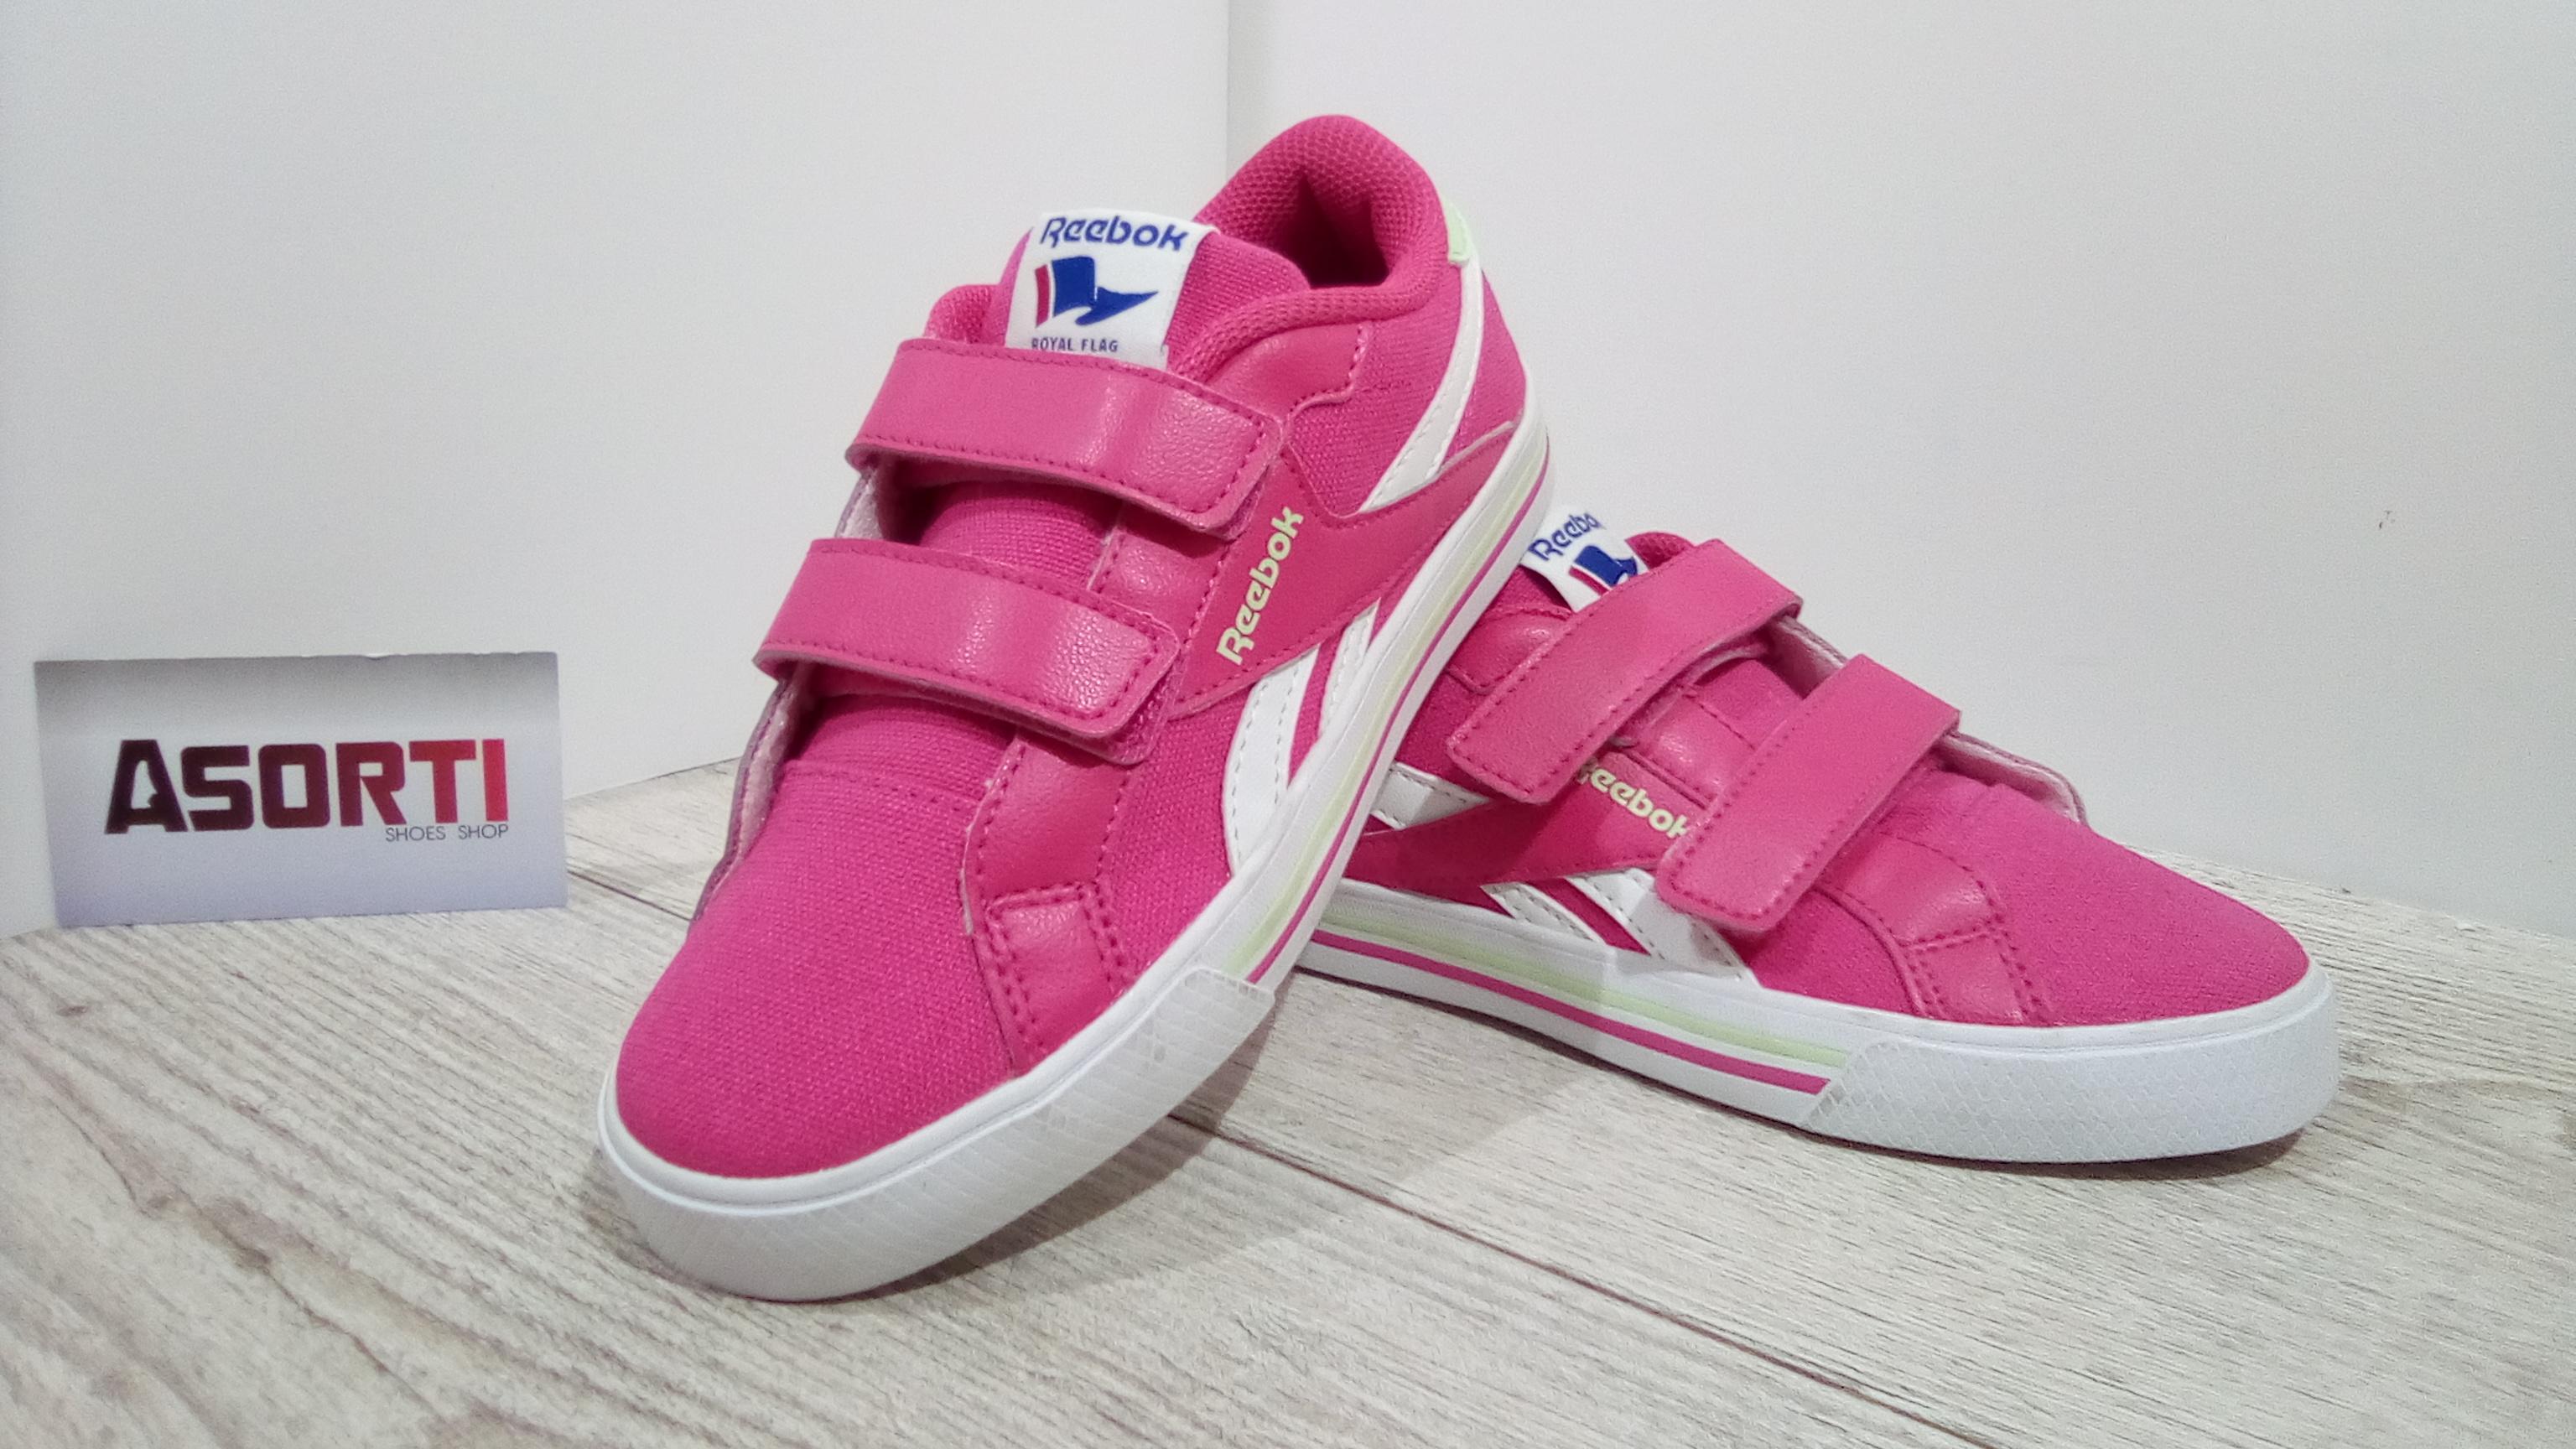 Детские кроссовки Reebok Royal Complete (V56115) розовые купить в ... 49e73b0b526e0